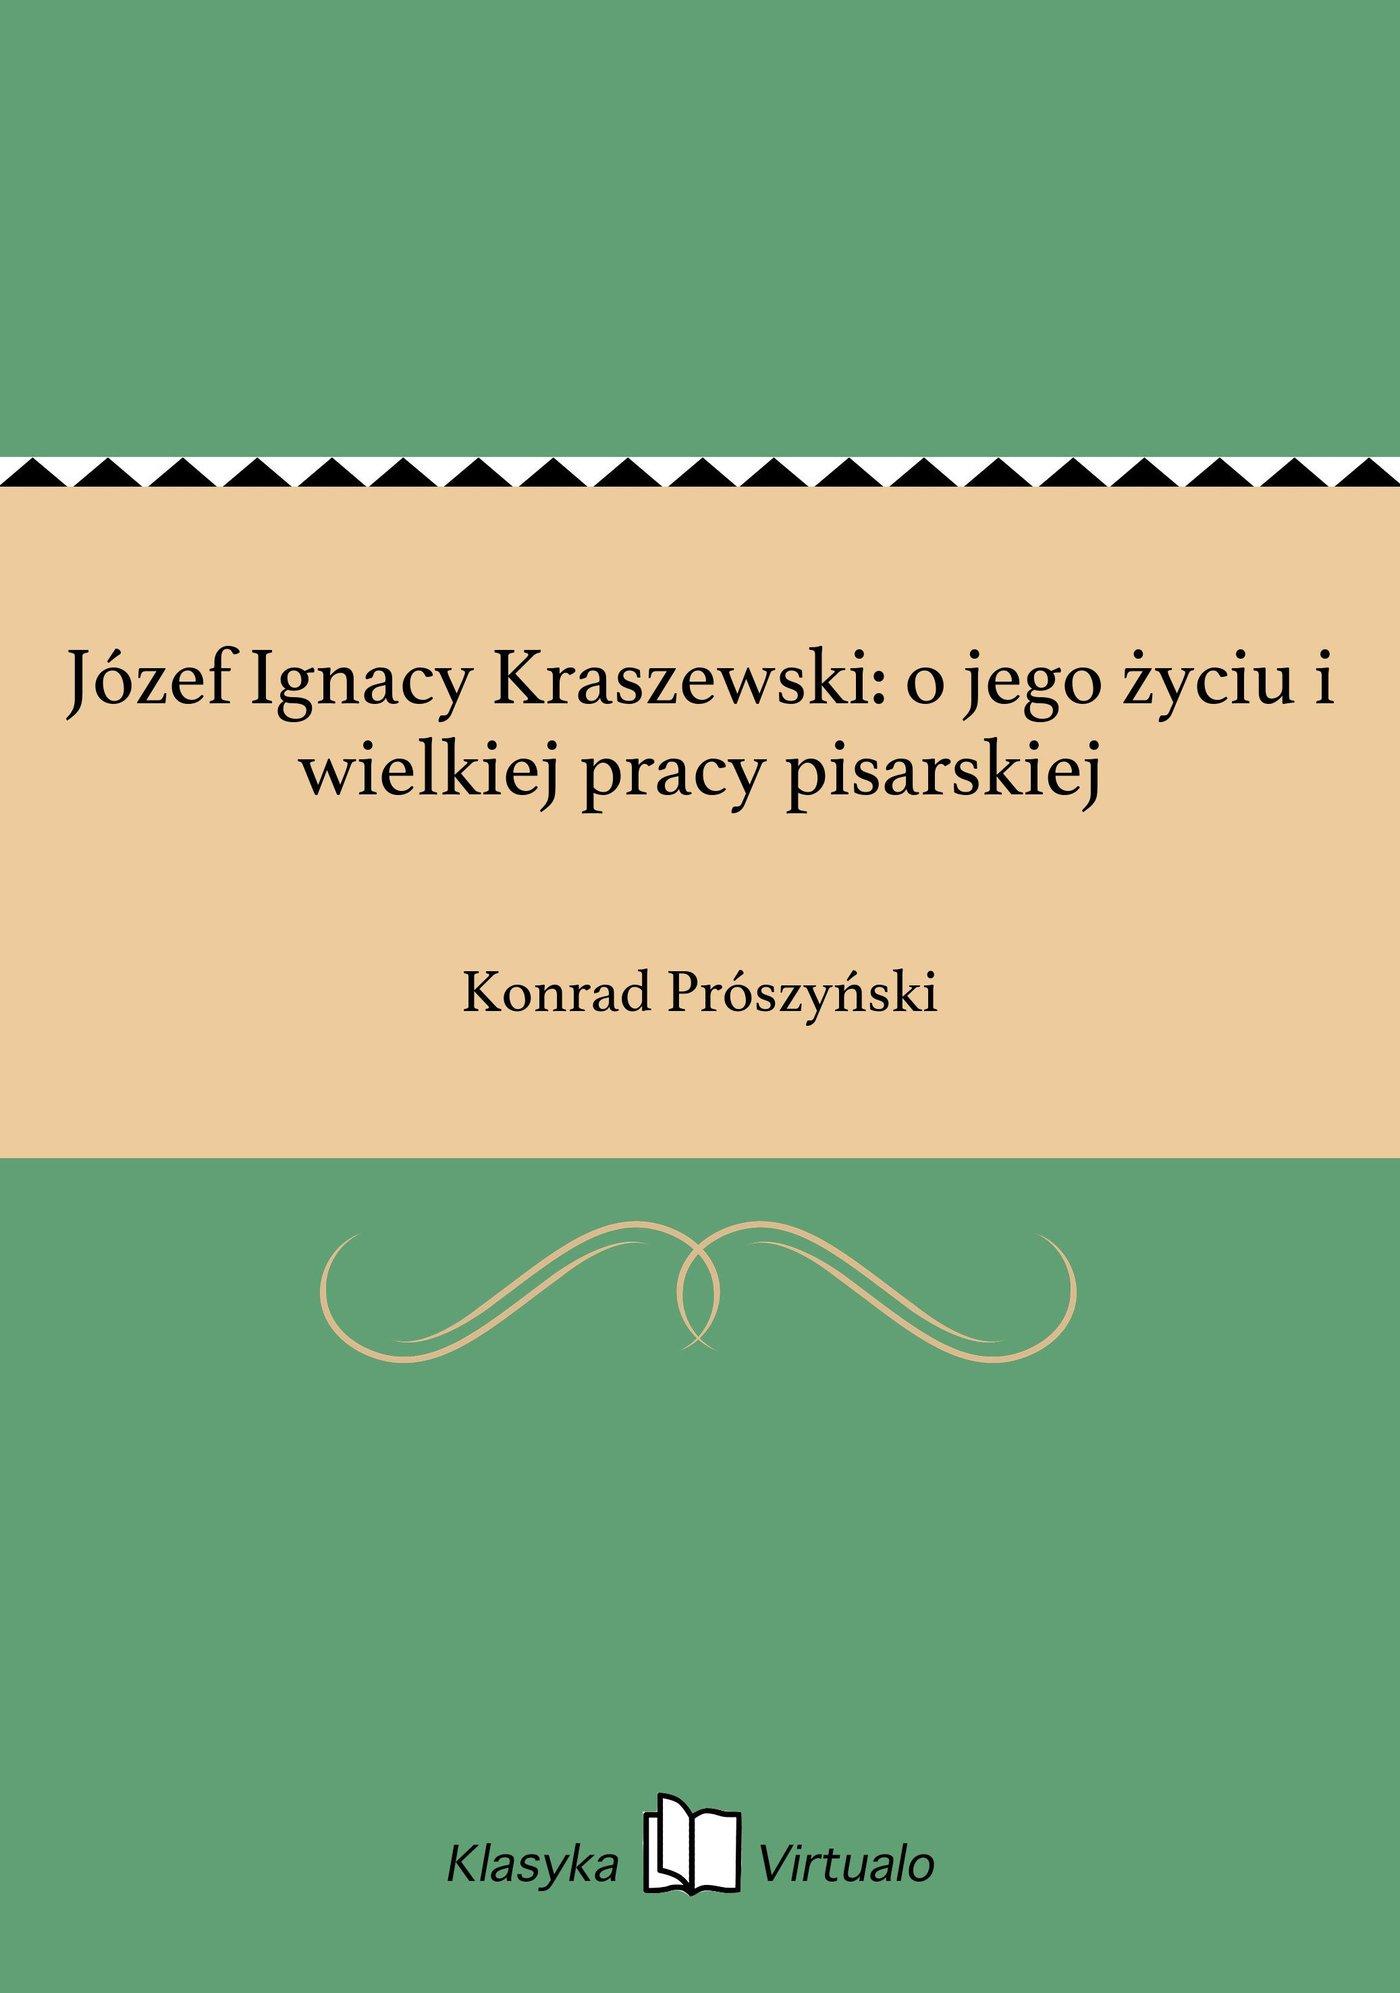 Józef Ignacy Kraszewski: o jego życiu i wielkiej pracy pisarskiej - Ebook (Książka na Kindle) do pobrania w formacie MOBI